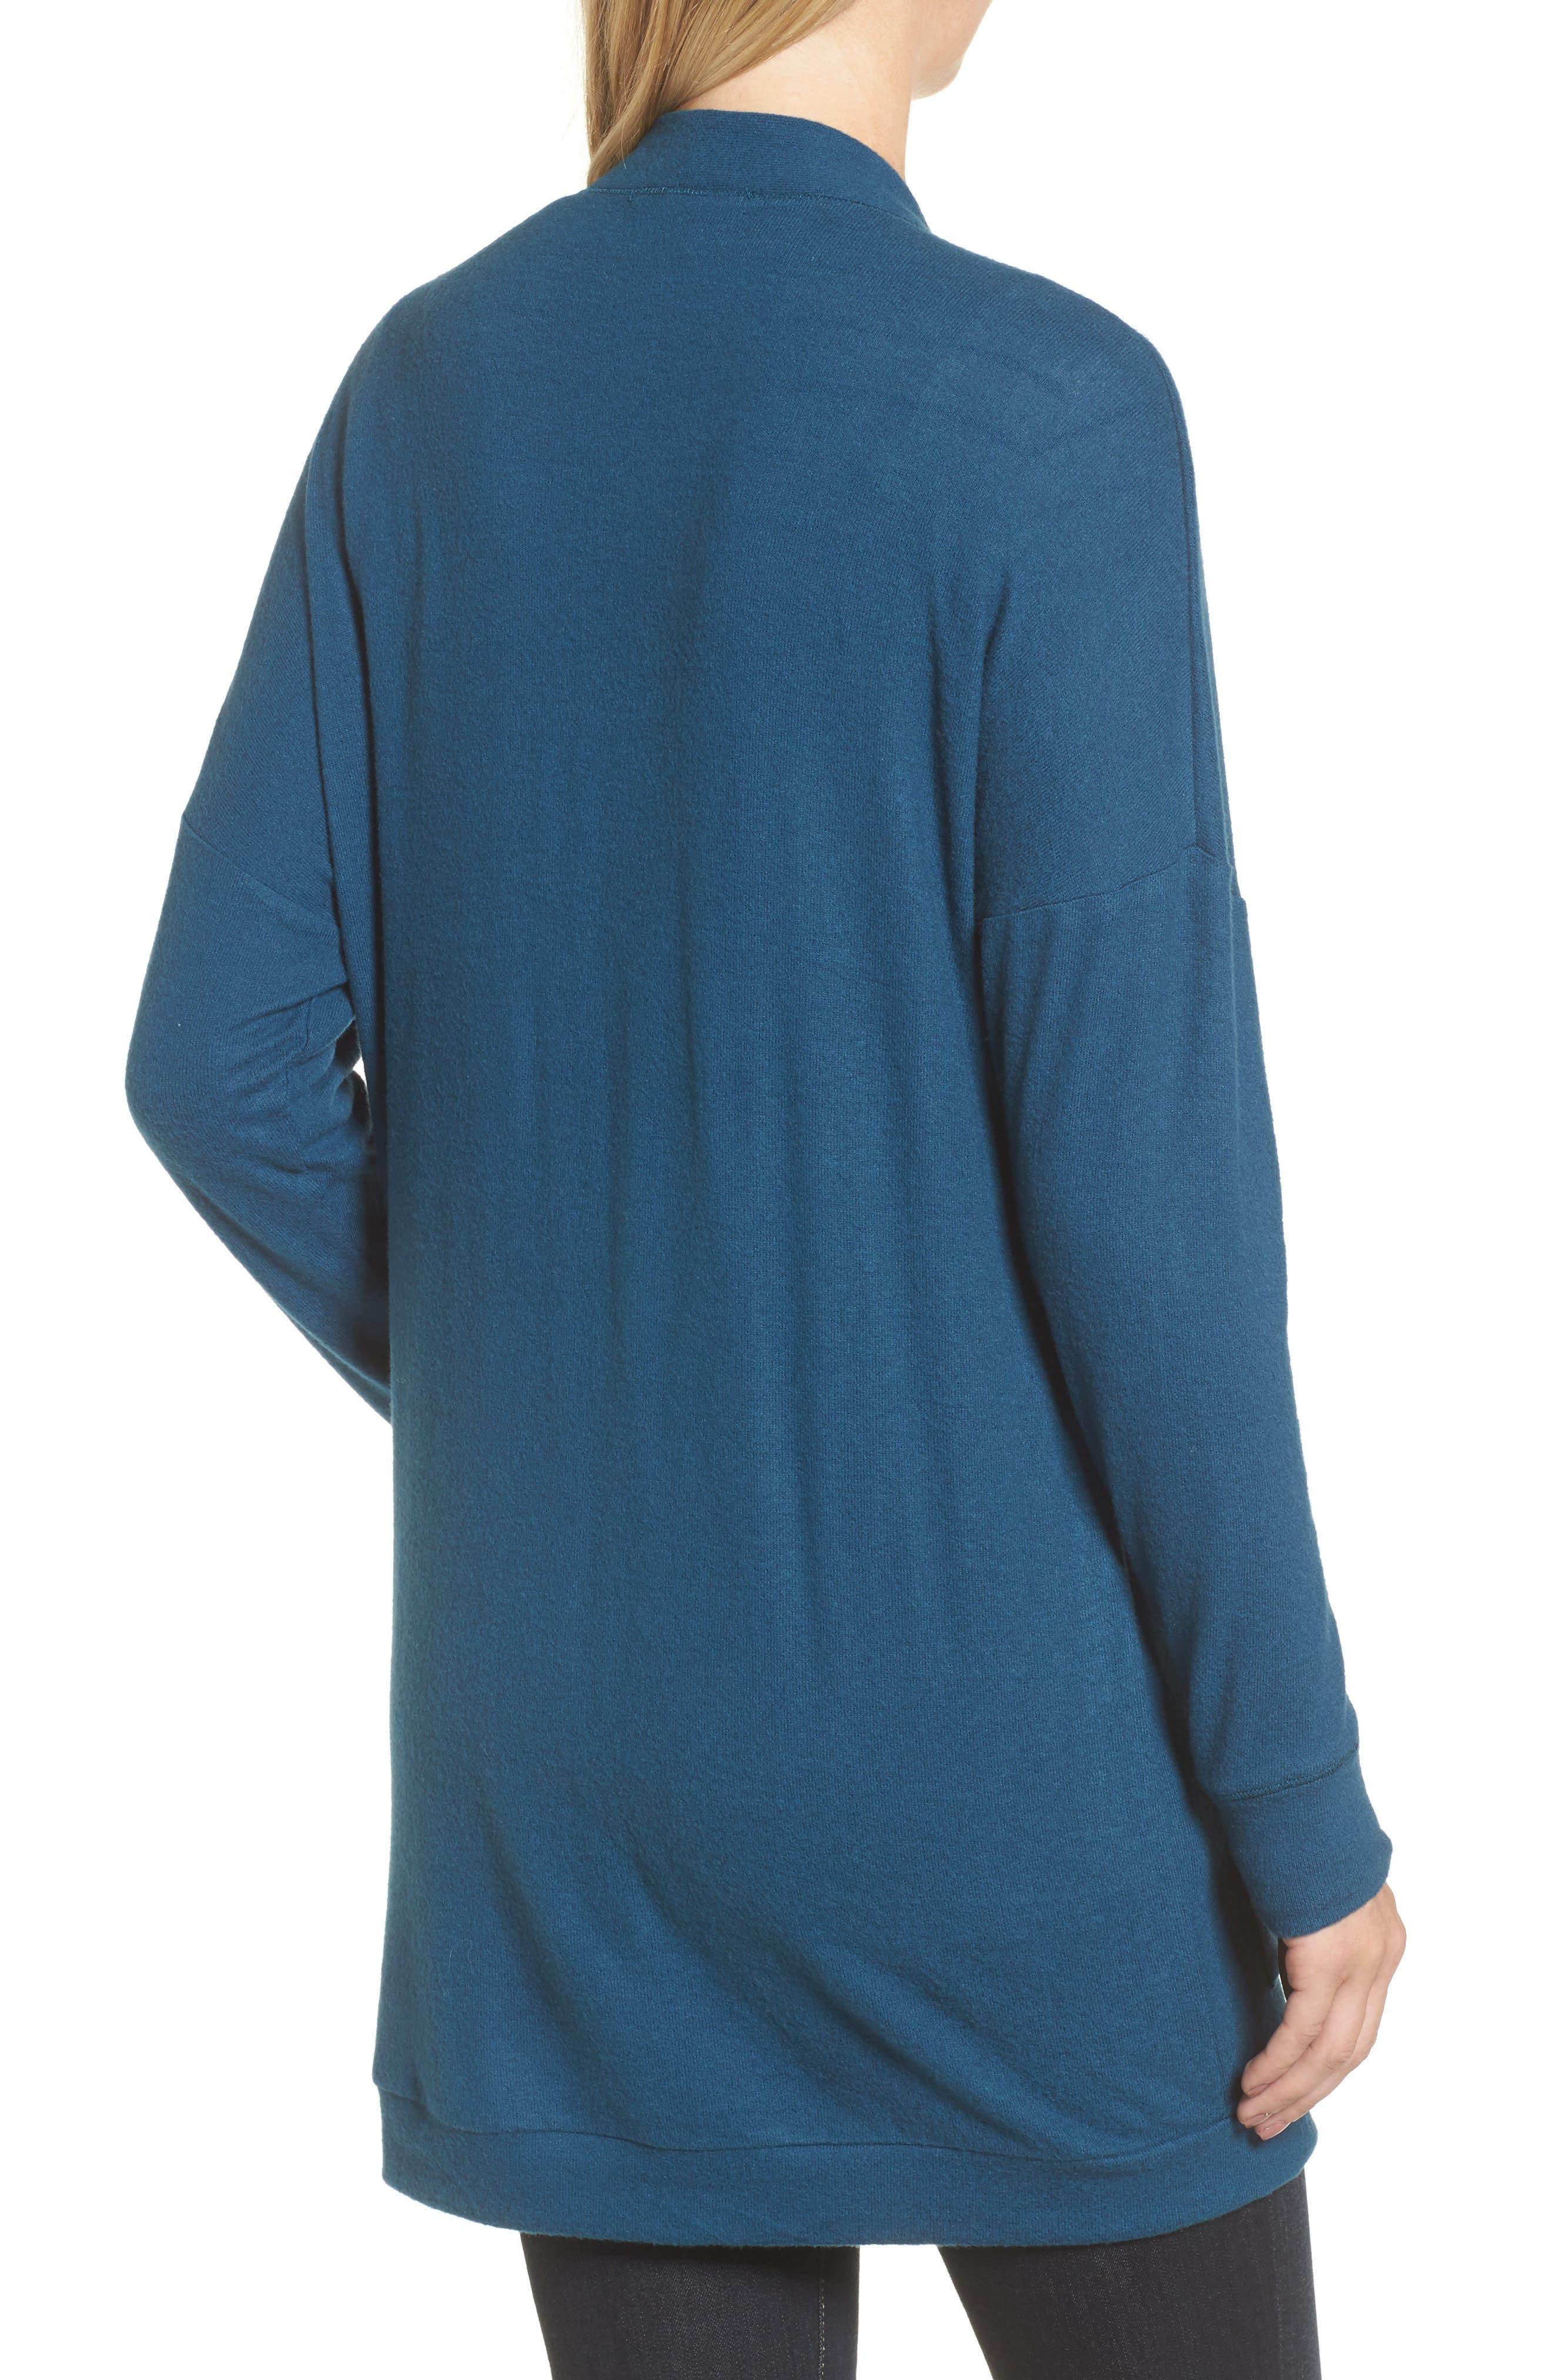 Rib Knit Cardigan,                             Alternate thumbnail 2, color,                             BLUE CERAMIC